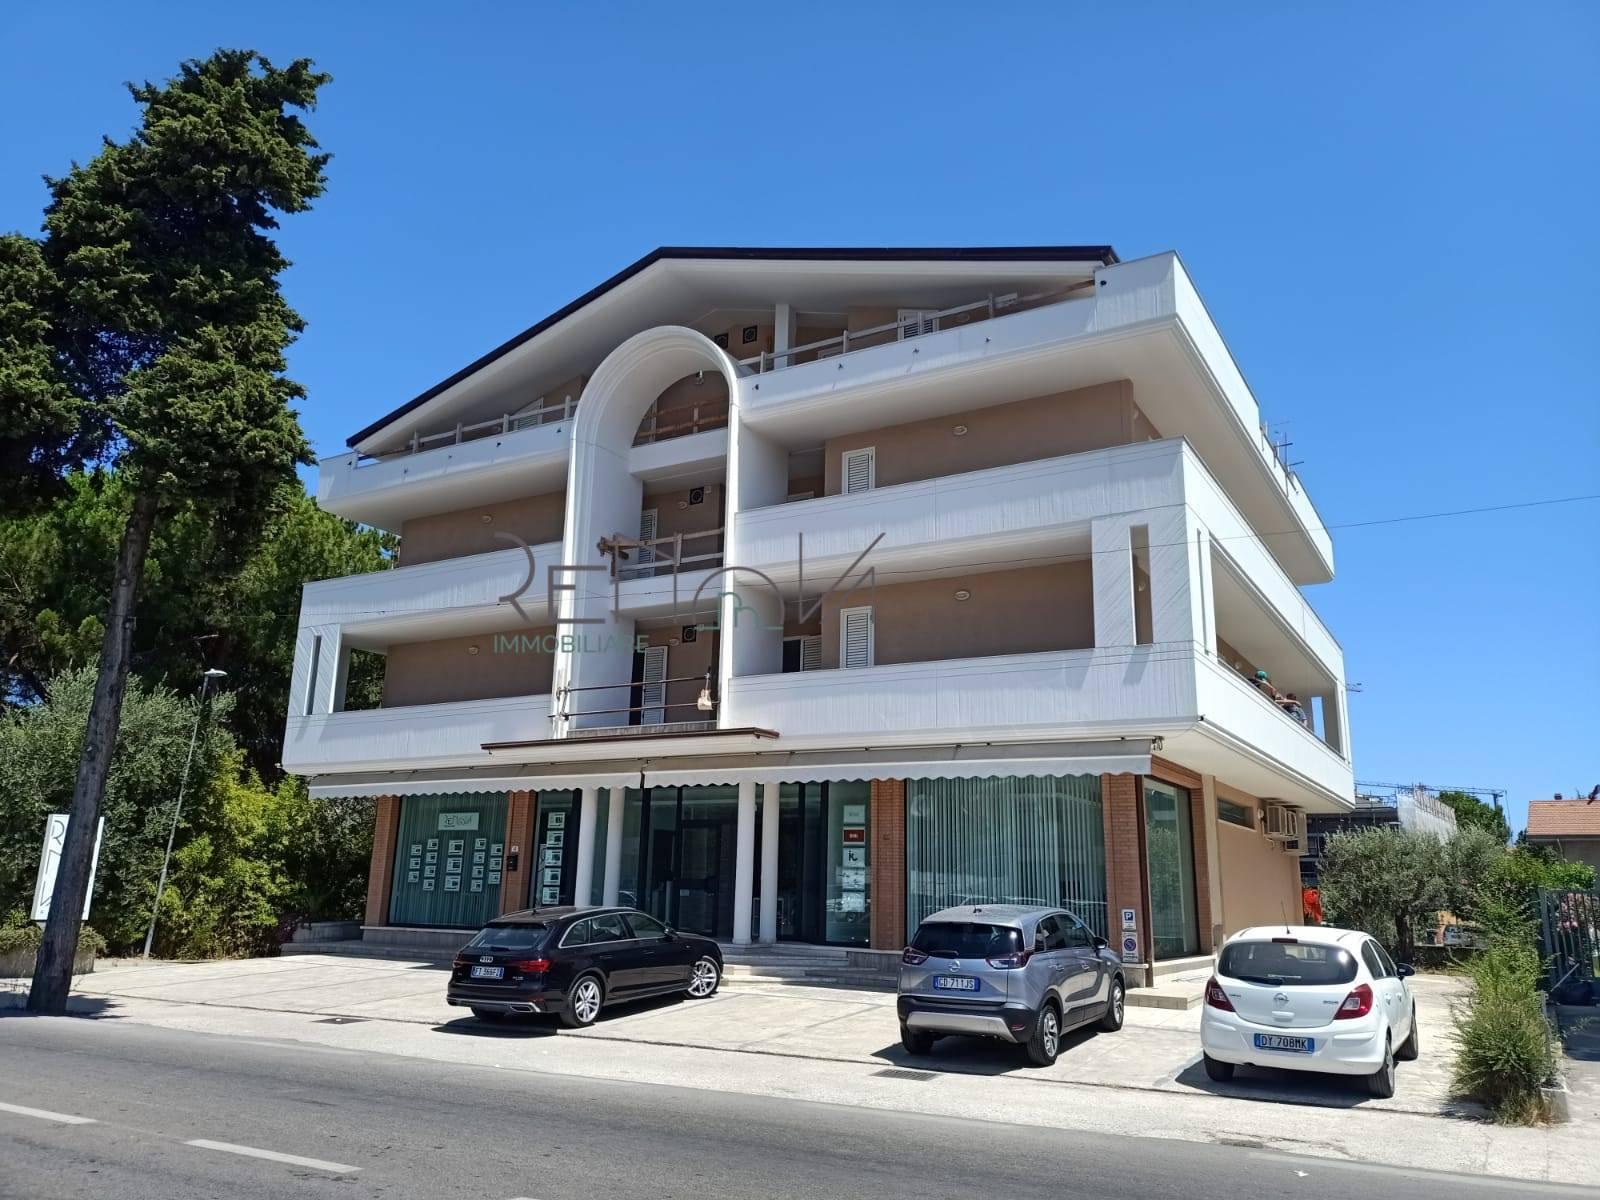 Appartamento in vendita a Tortoreto, 3 locali, zona Località: TortoretoLido, prezzo € 145.000 | PortaleAgenzieImmobiliari.it